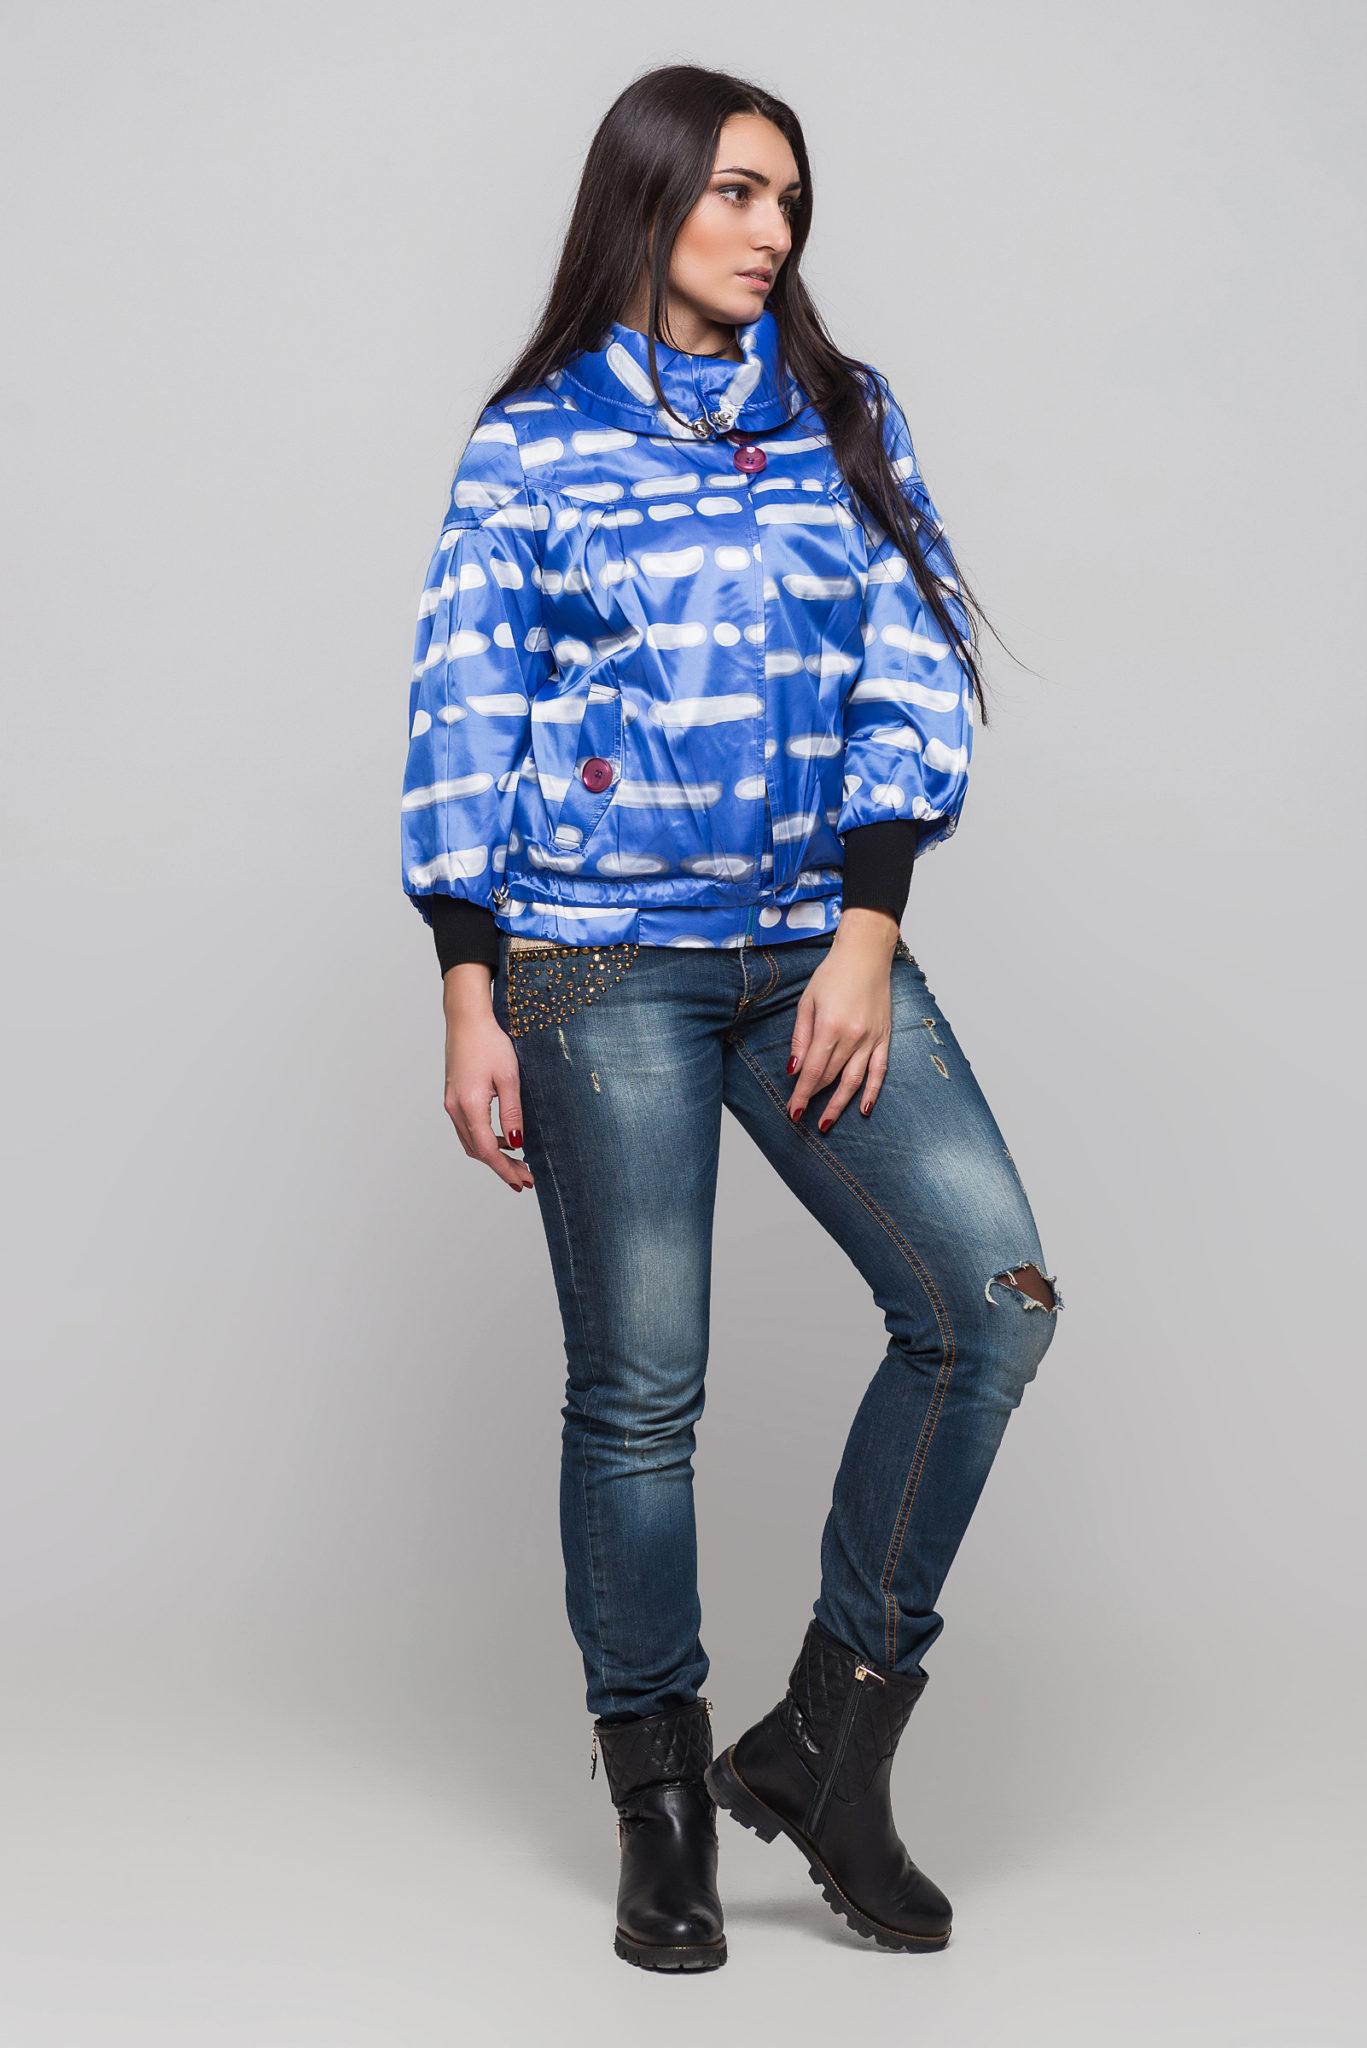 Купить куртку Модница синий укороченный рукав